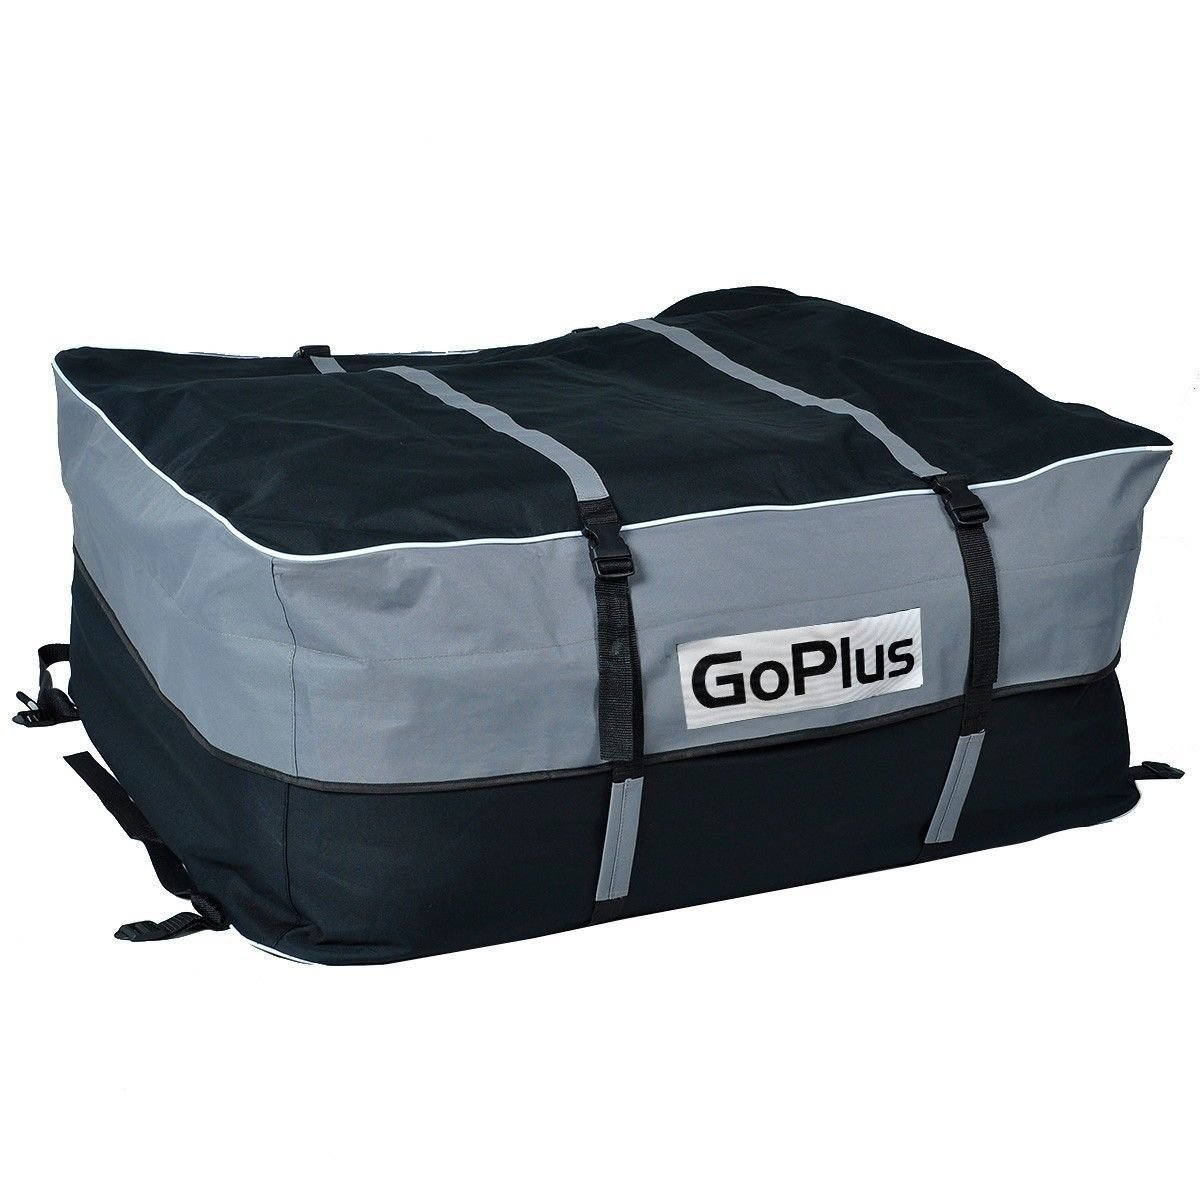 Car Van Suv Roof Top Waterproof Luggage Travel Cargo Rack ...